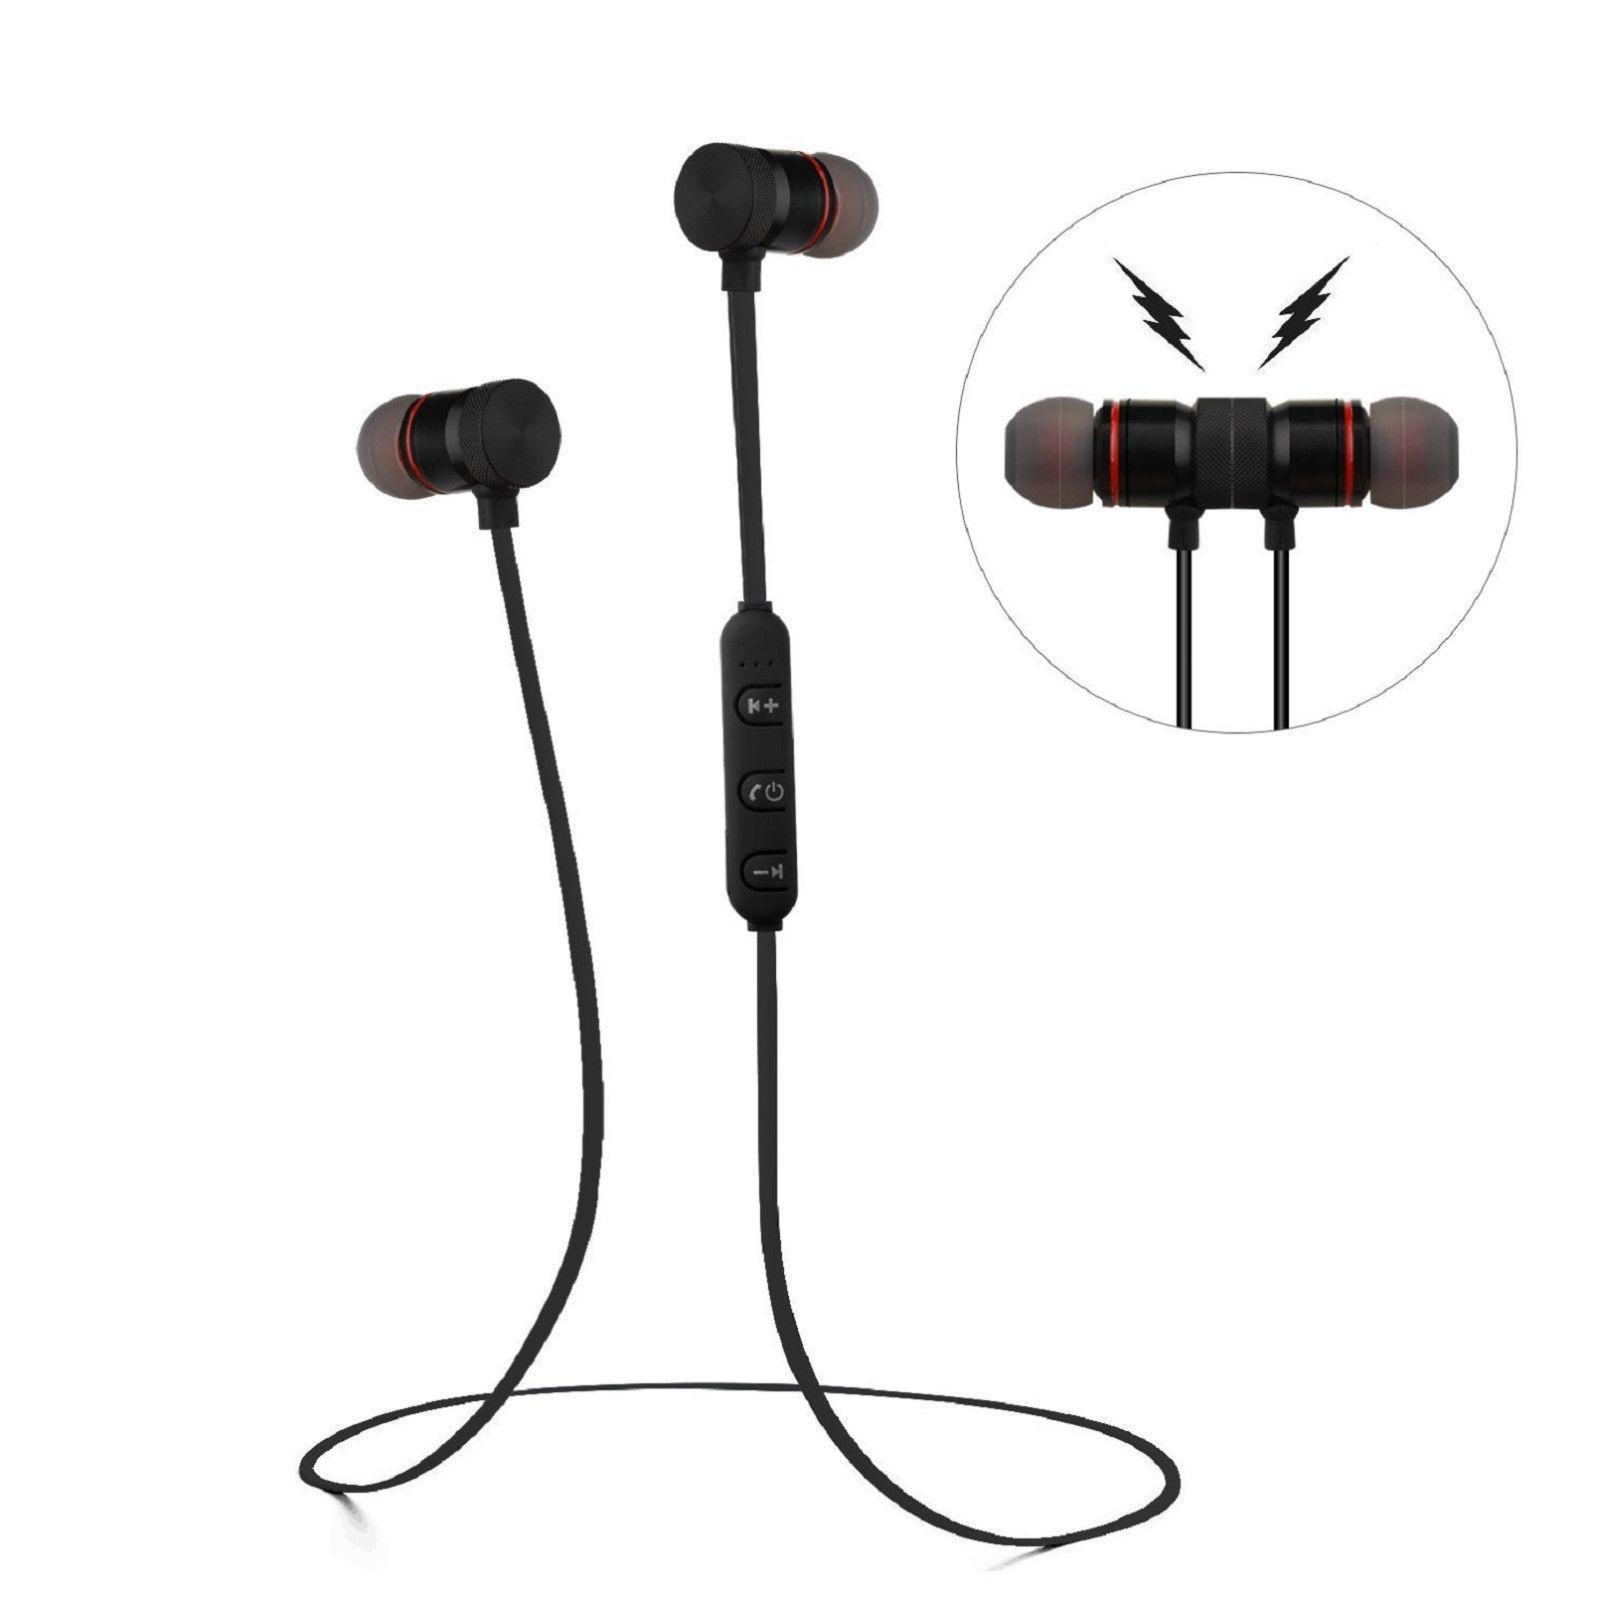 Sweatproof Wireless Earphones